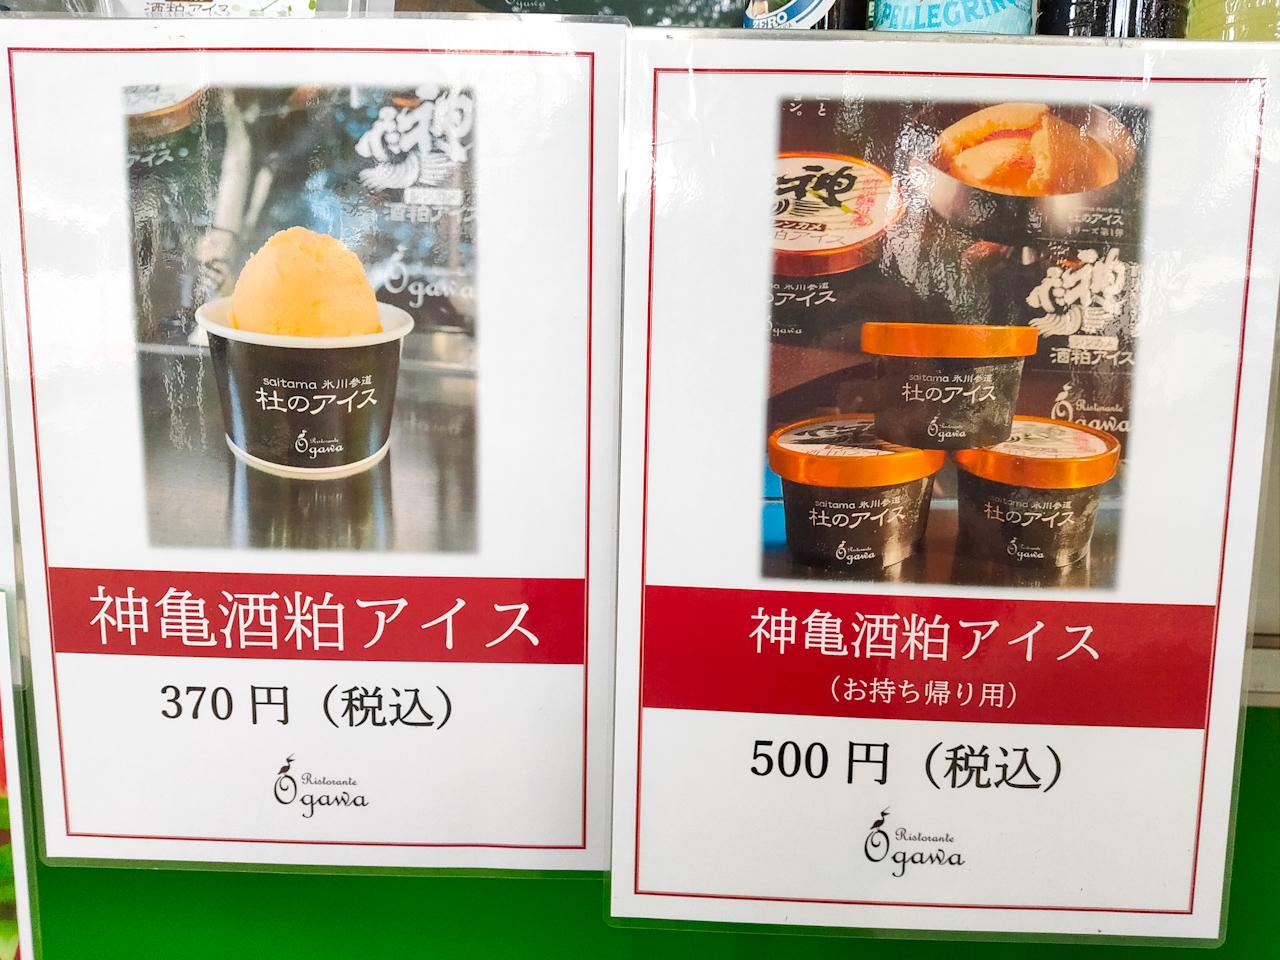 リストランテ オガワのオーナーシェフが蓮田市の「神亀酒造」とコラボして開発された「氷川参道 杜のアイス」